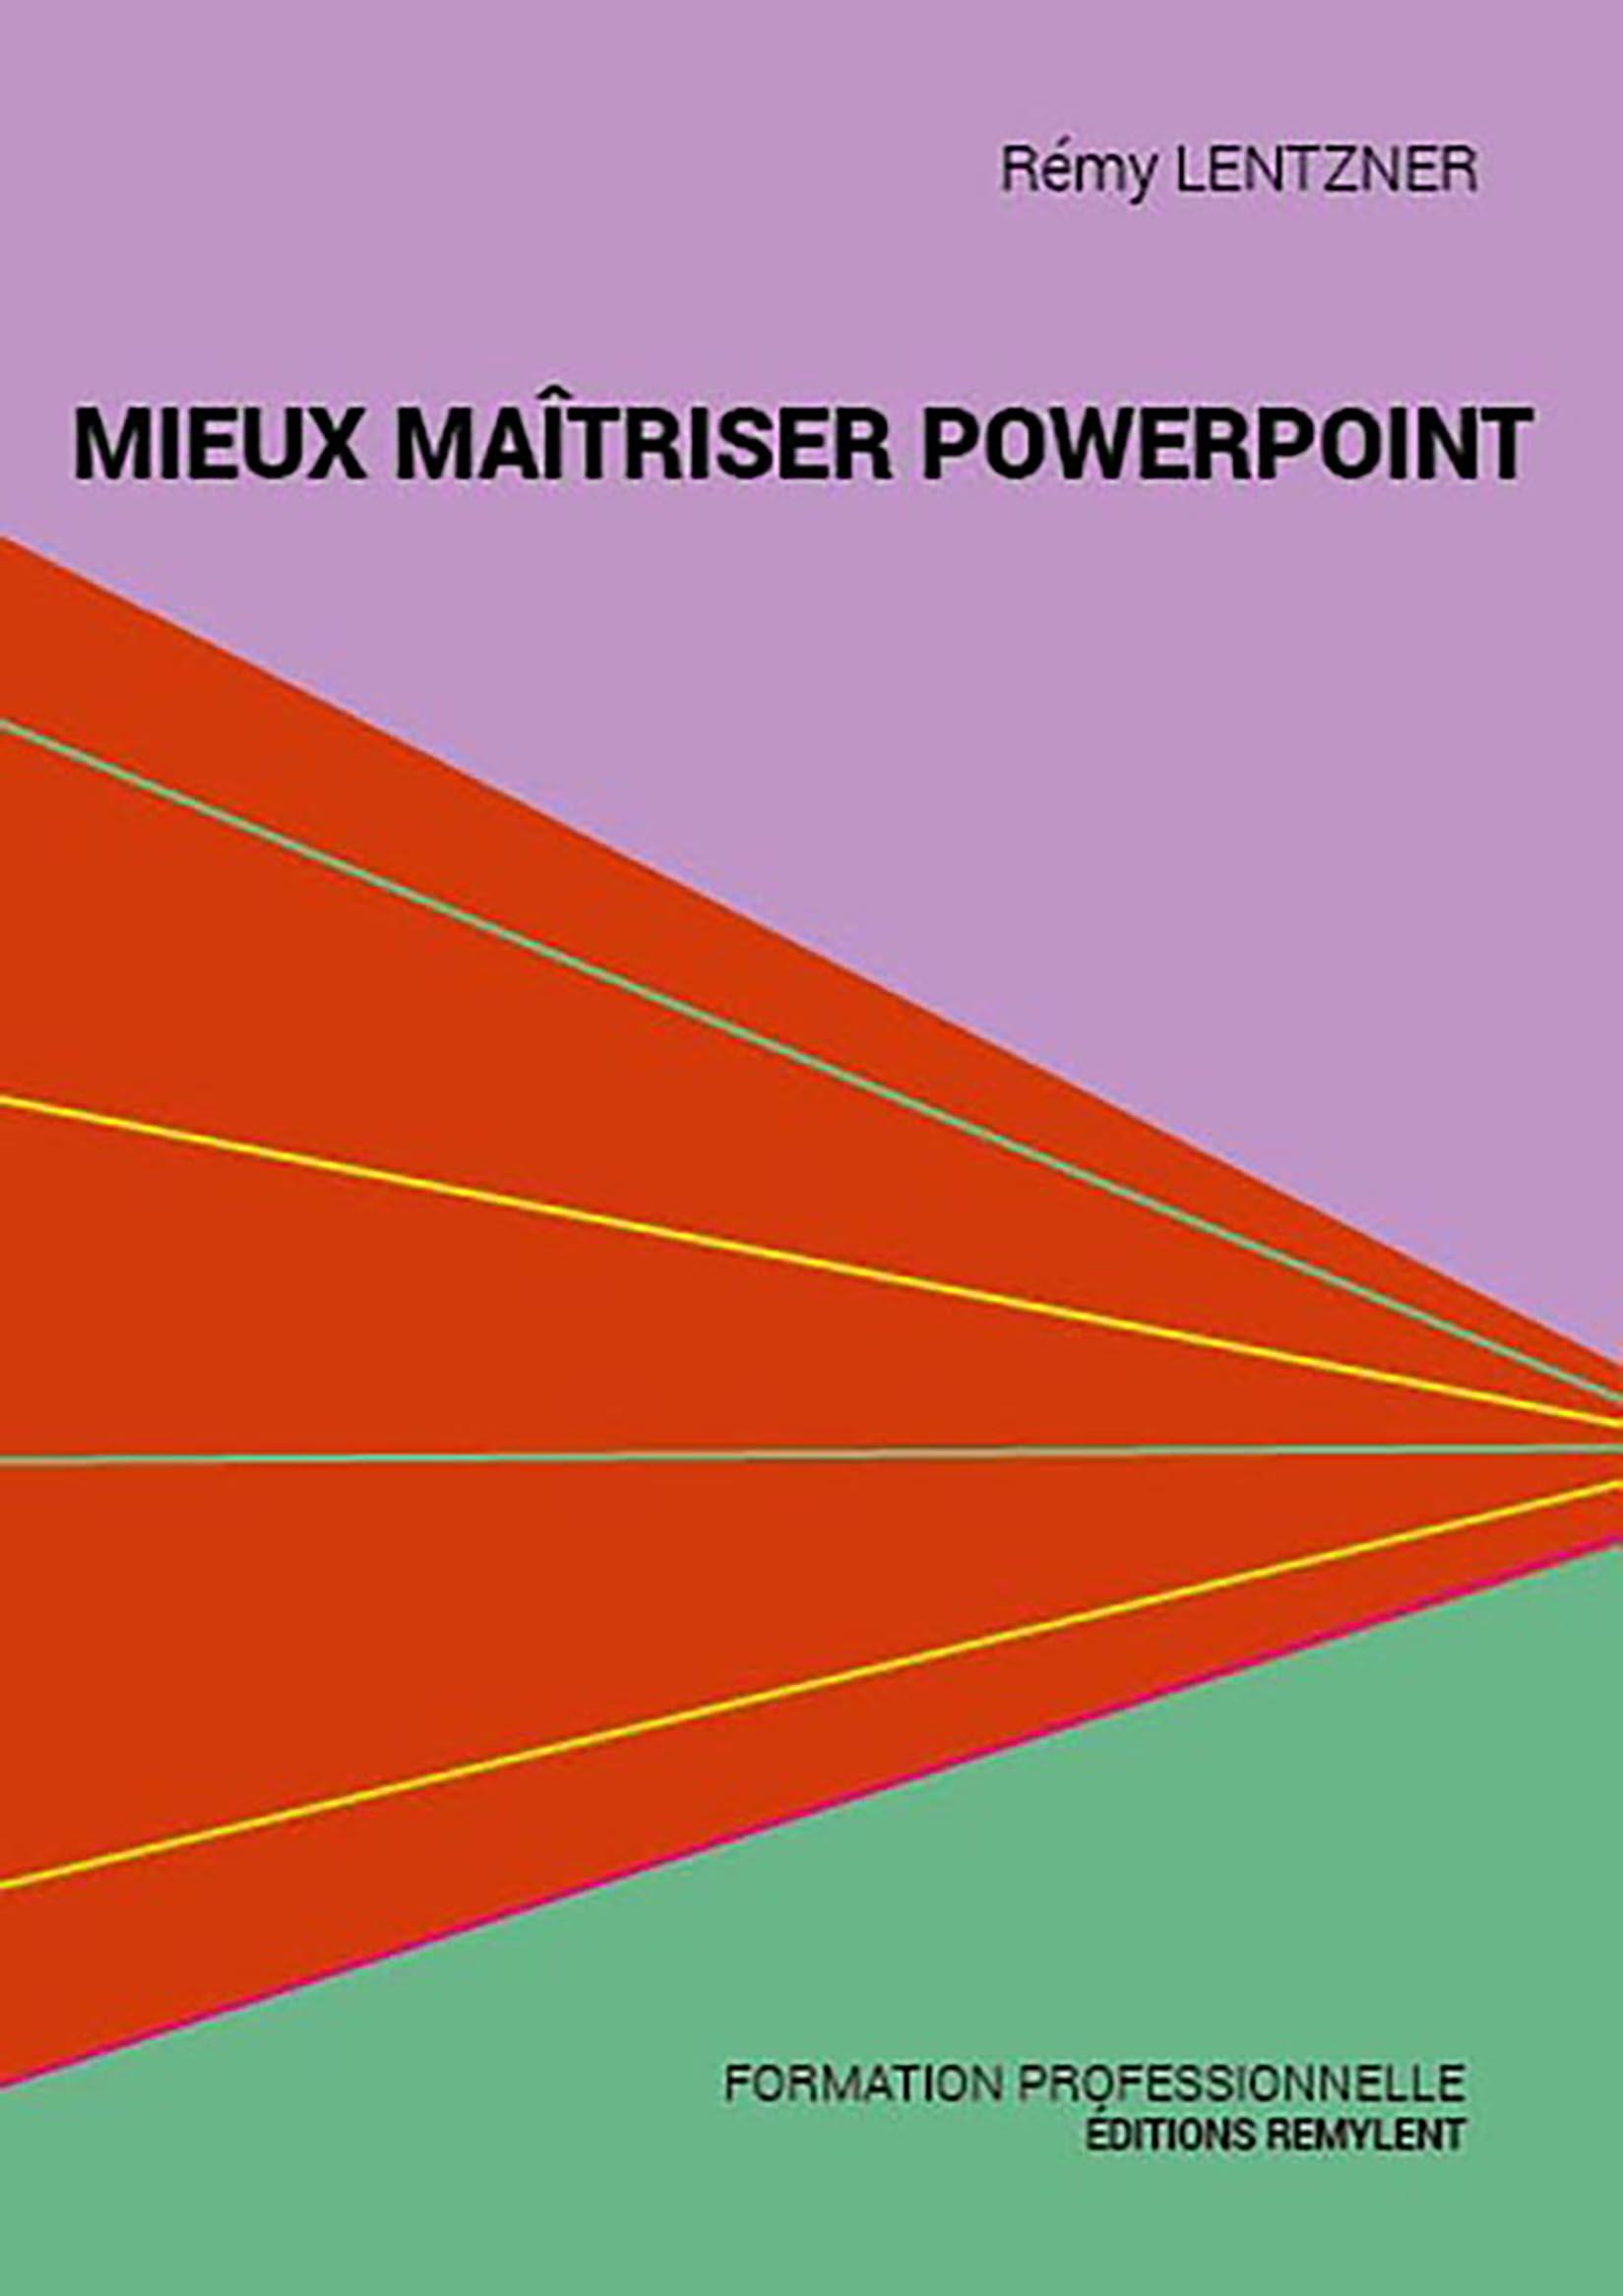 Mieux maîtriser PowerPoint